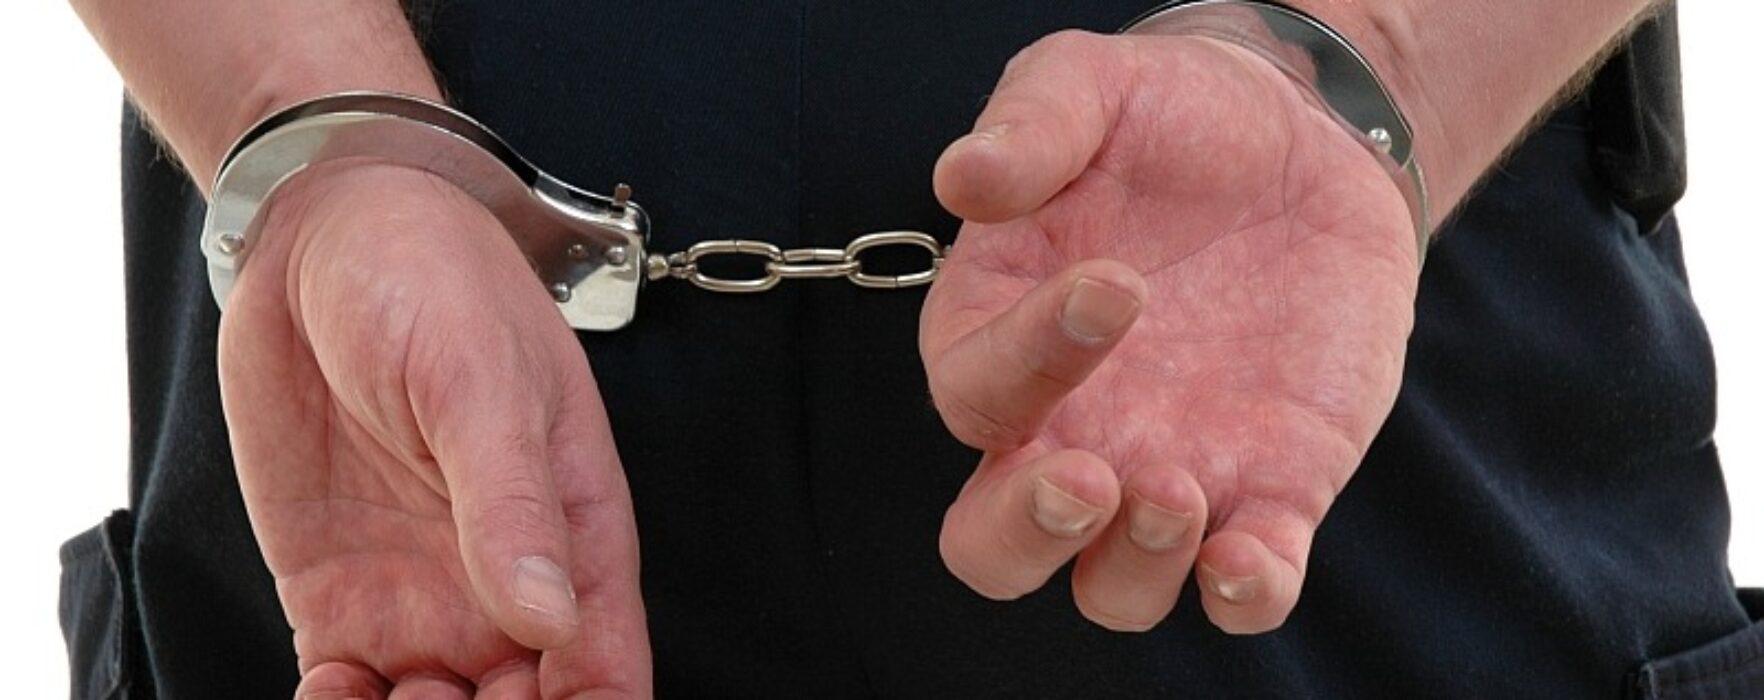 Dâmboviţa: Bărbat de 55 de ani, acuzat că a întreţinut relaţii sexuale cu nepotul său în vârstă de 5 ani